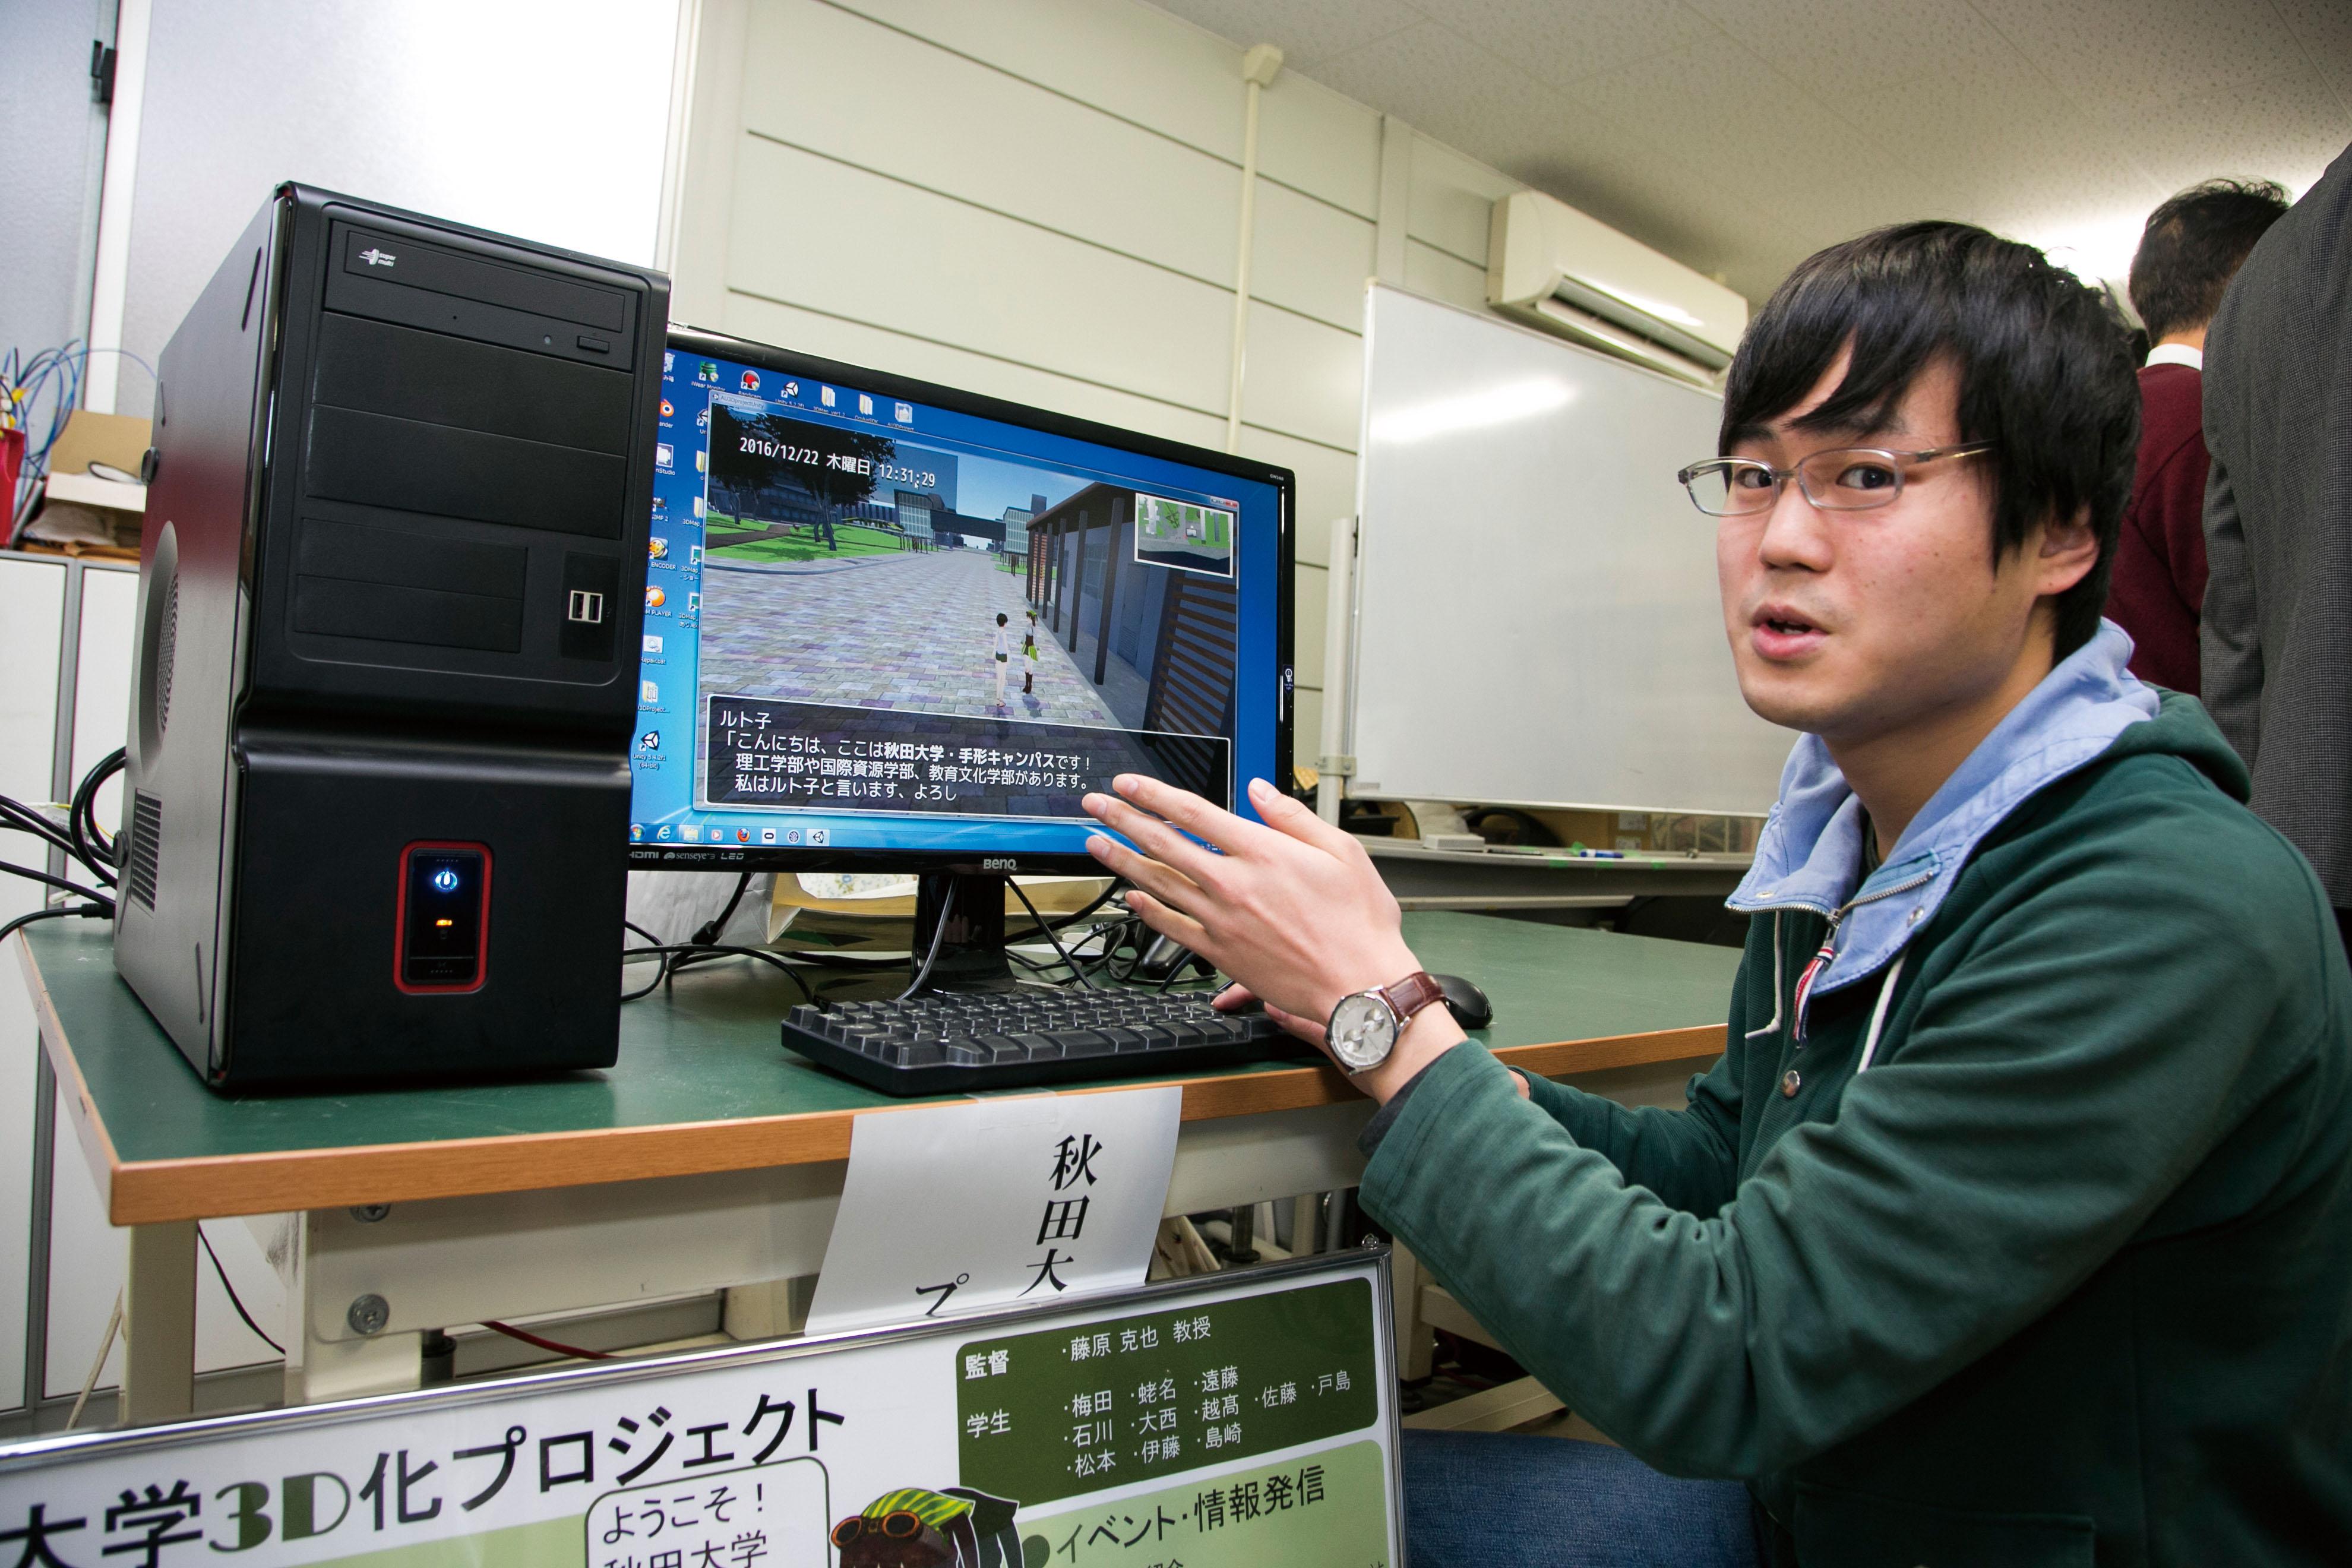 秋田大学3D化プロジェクト